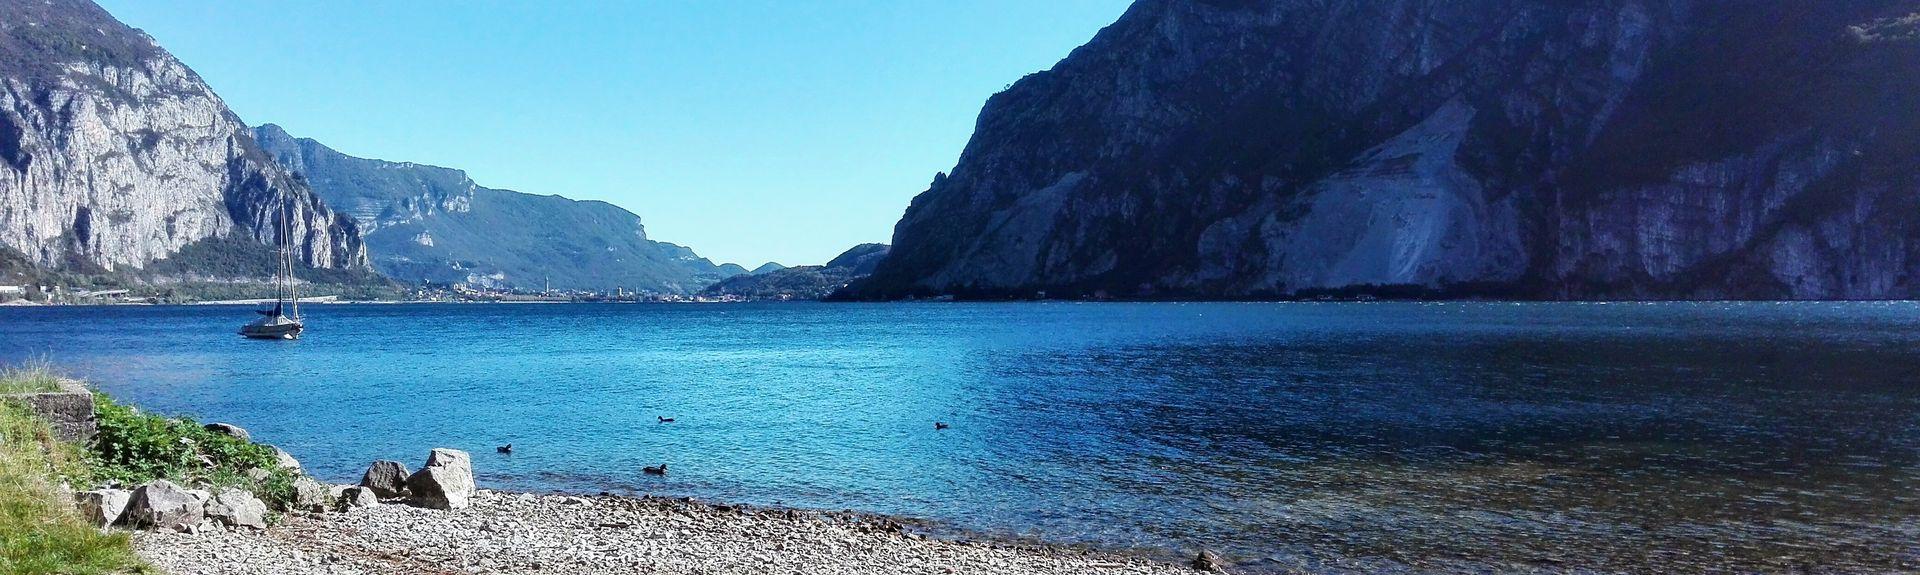 Lago di Annone, Lombardiet, Italien